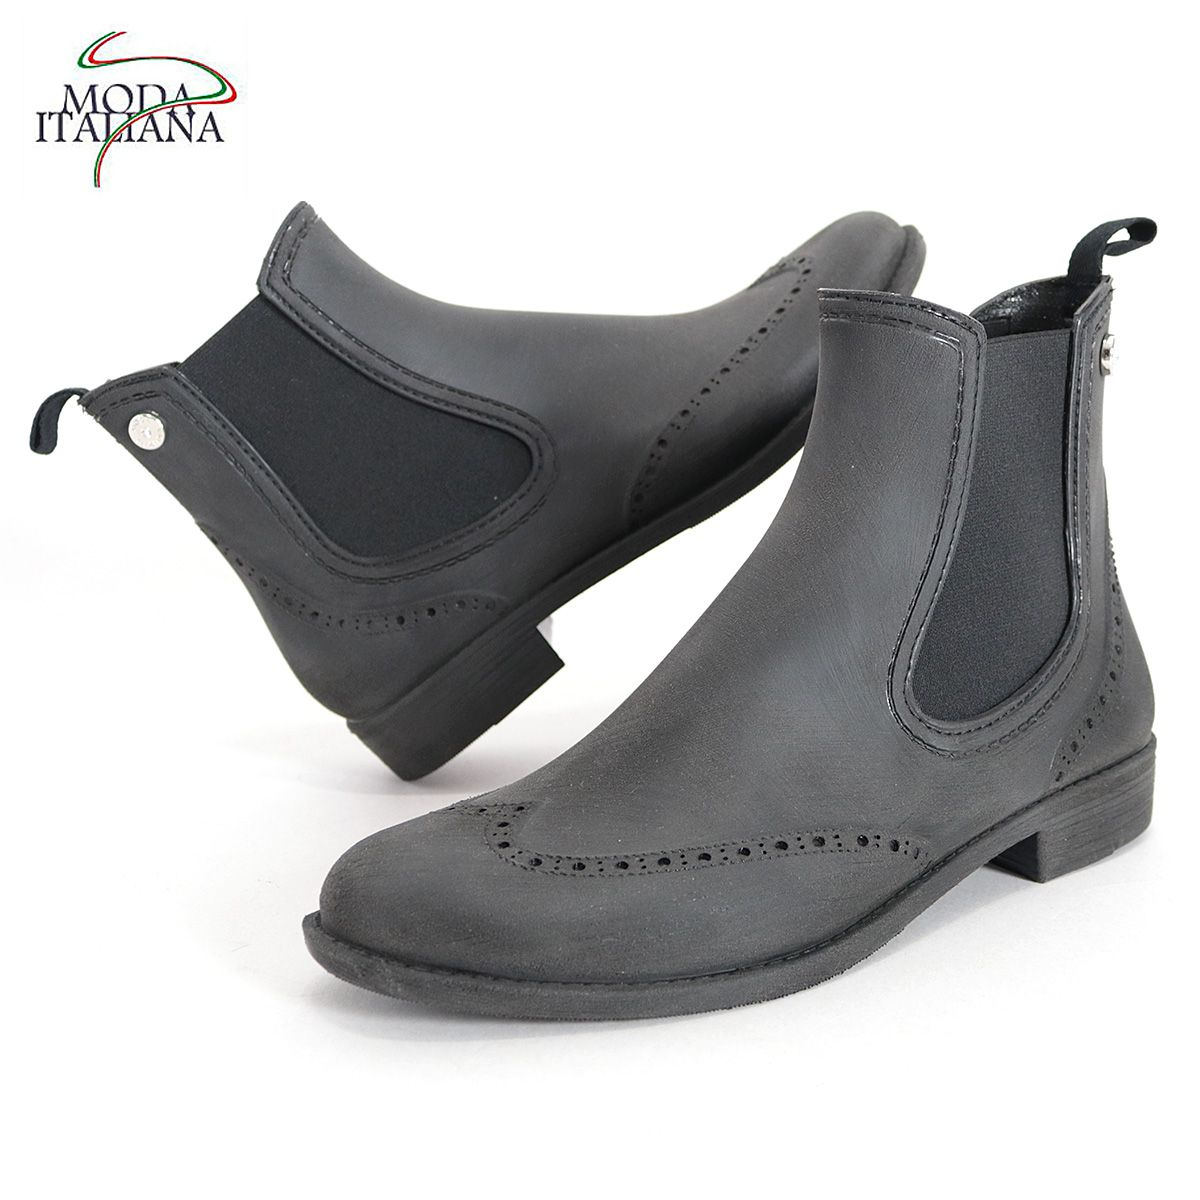 MODA 未使用品 ITALIANA モーダイタリアーナ ウィングチップ サイドゴアレインブーツ OXFORD BLUSH ブラック ショートブーツ 梅雨 ゴム靴 長靴 年間定番 雨の日 18SS レディース